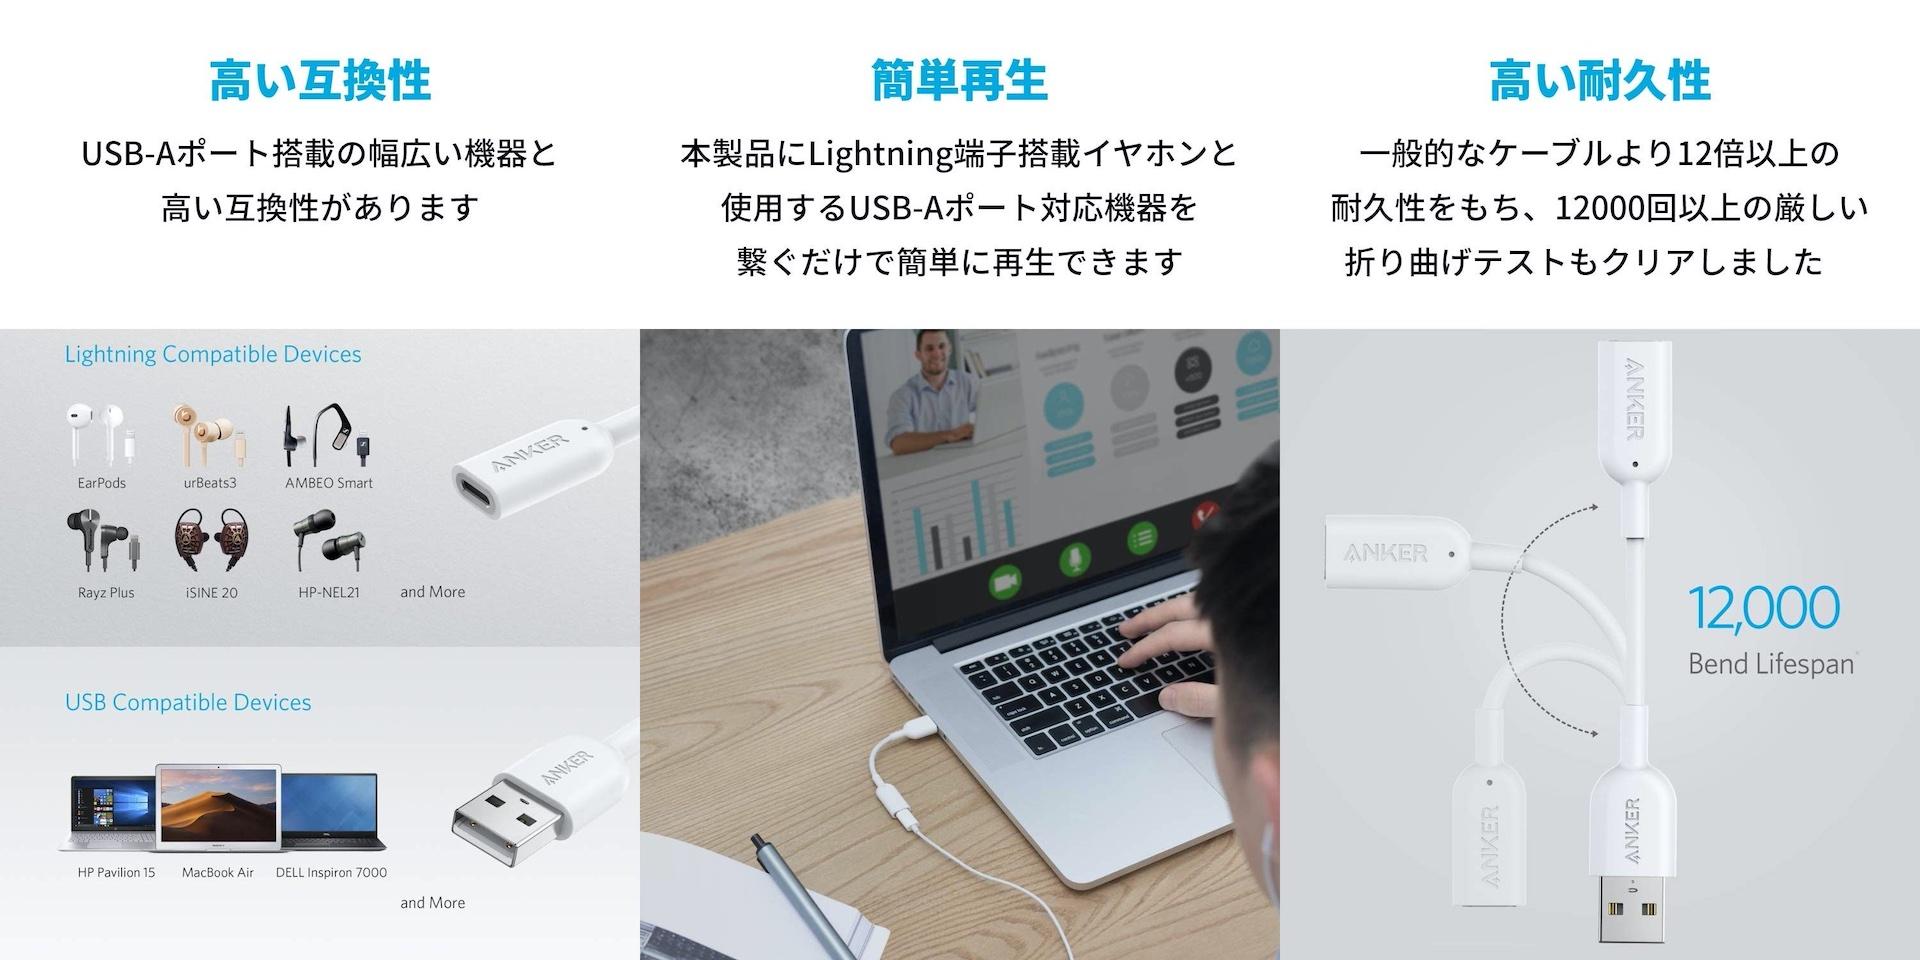 Anker USB-A & ライトニングUSB オーディオアダプター